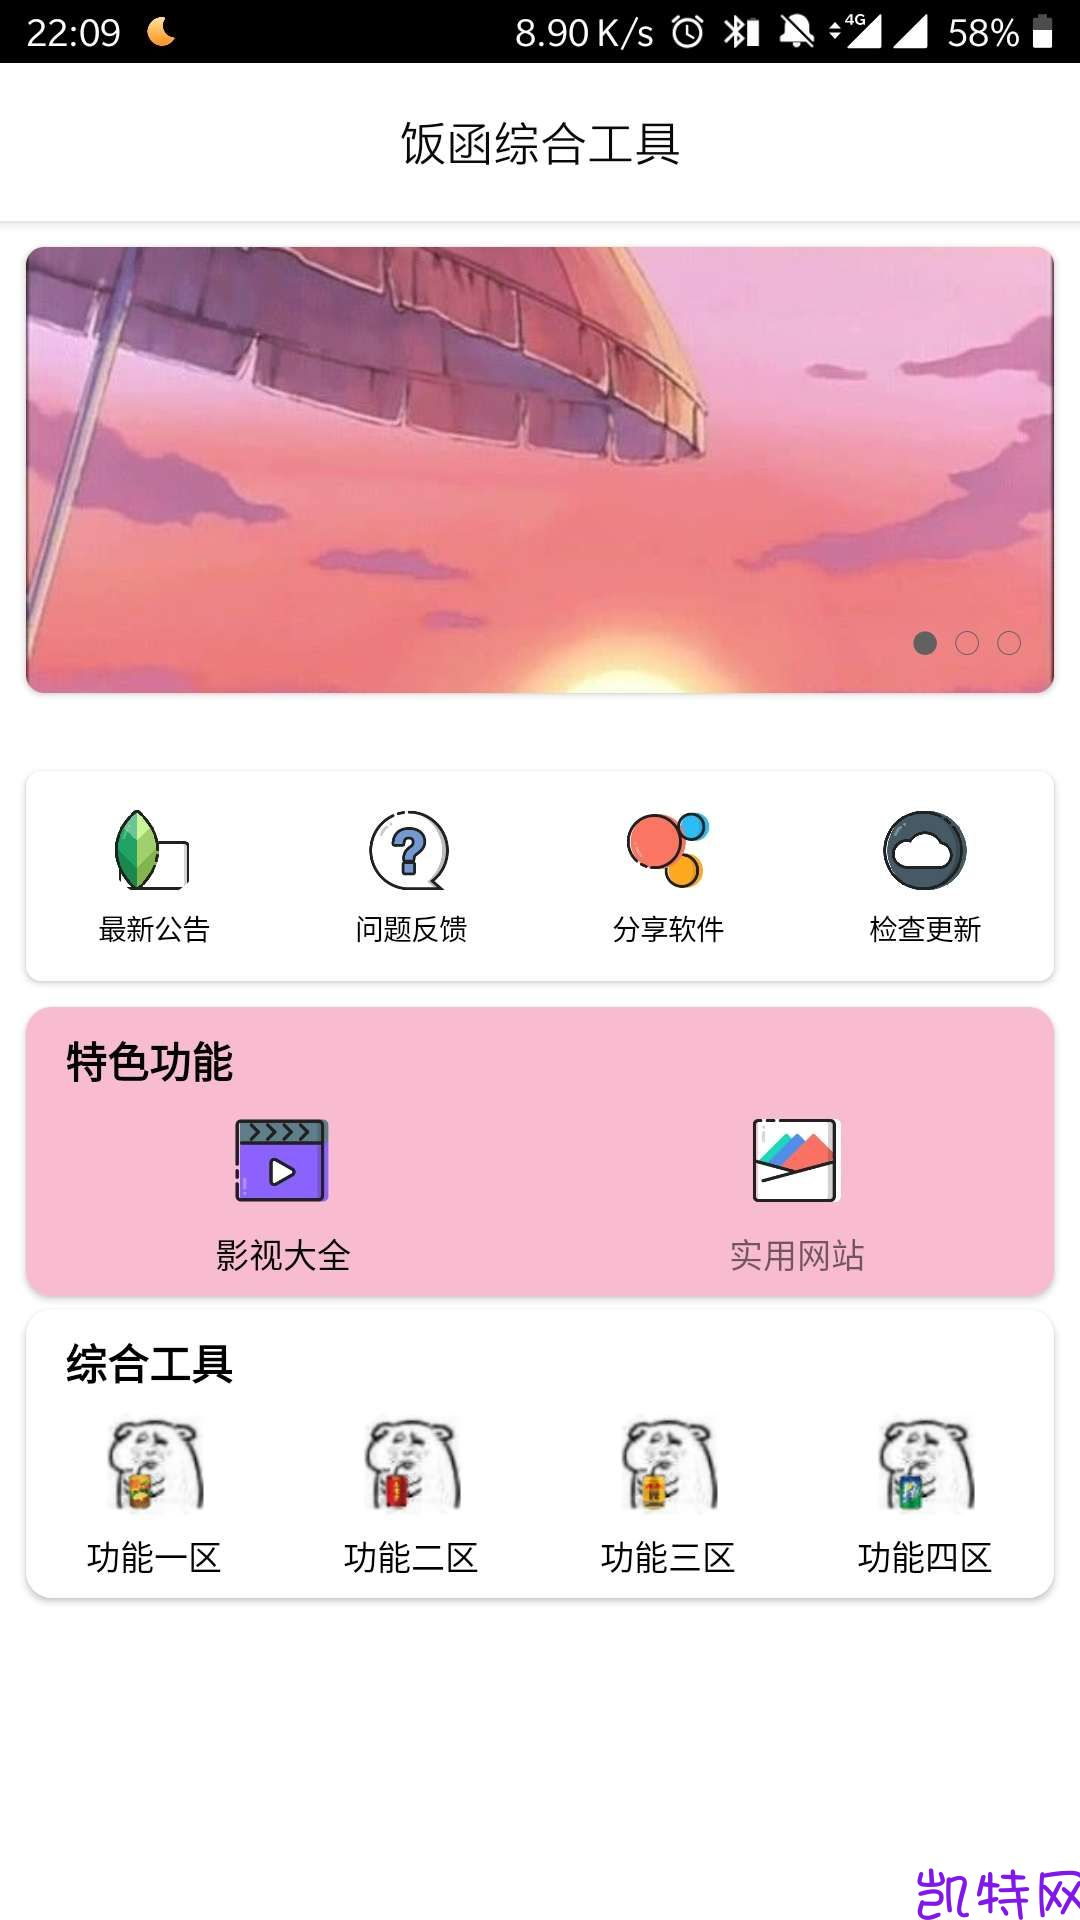 【软件分享】饭函工具箱 v1.1(Android)